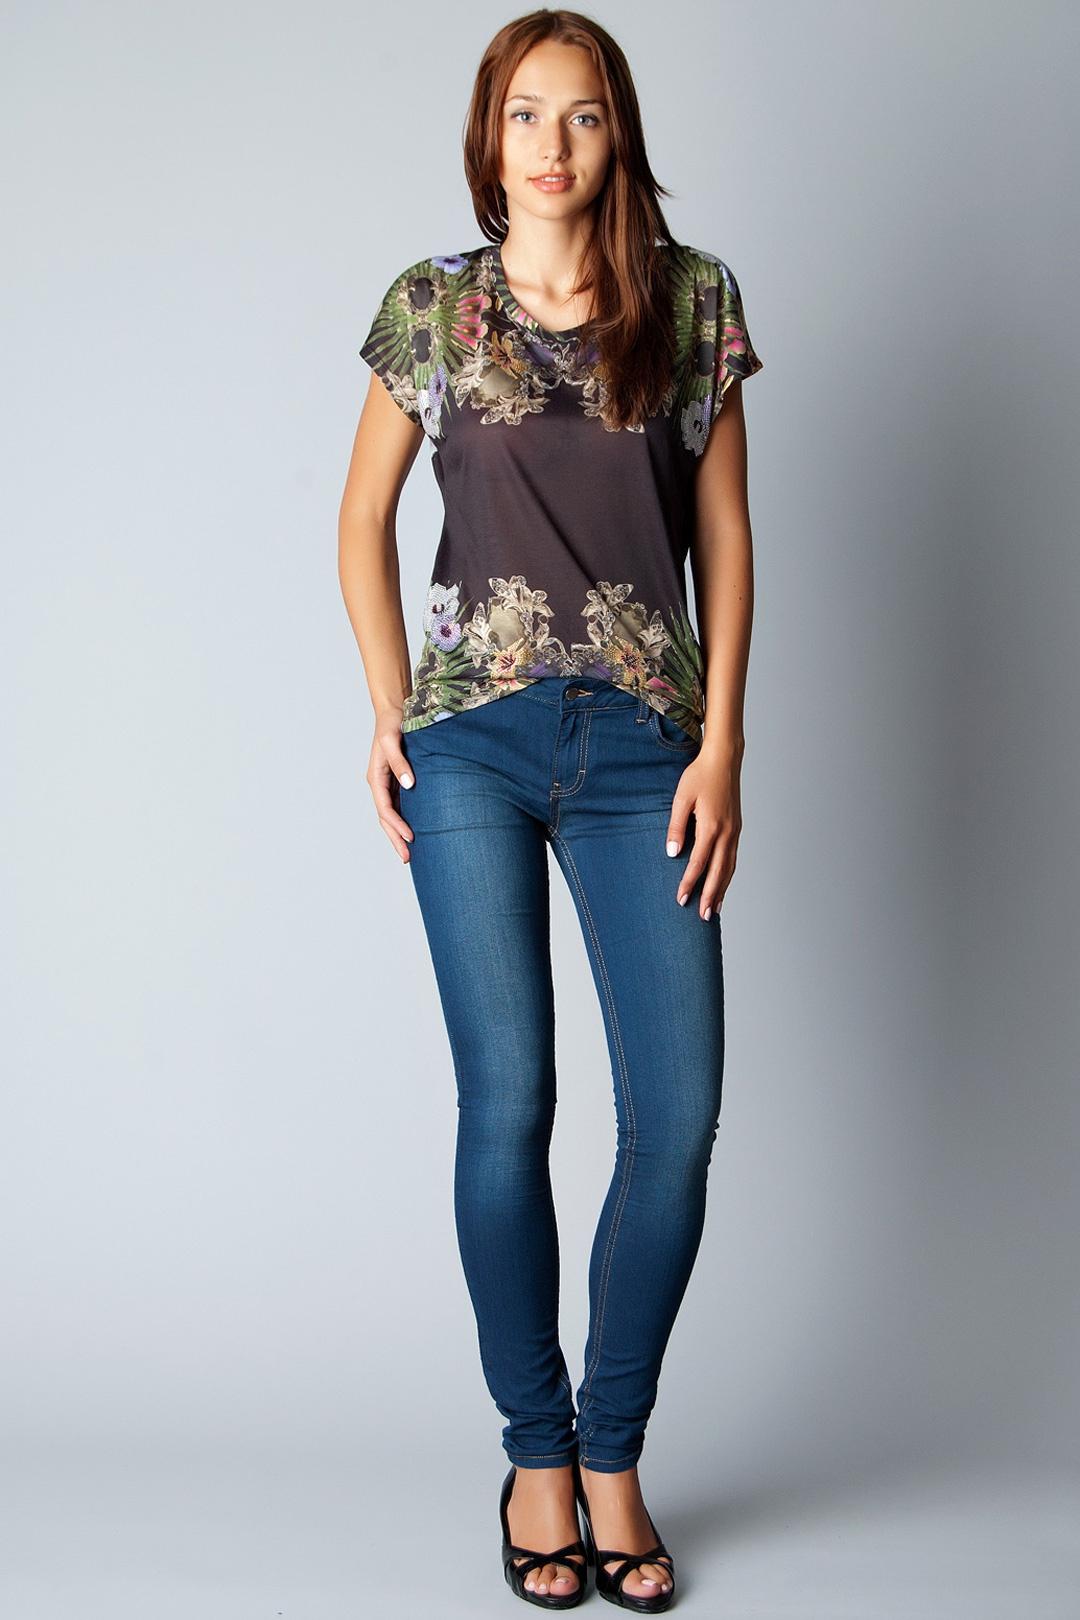 Закатанные джинсы